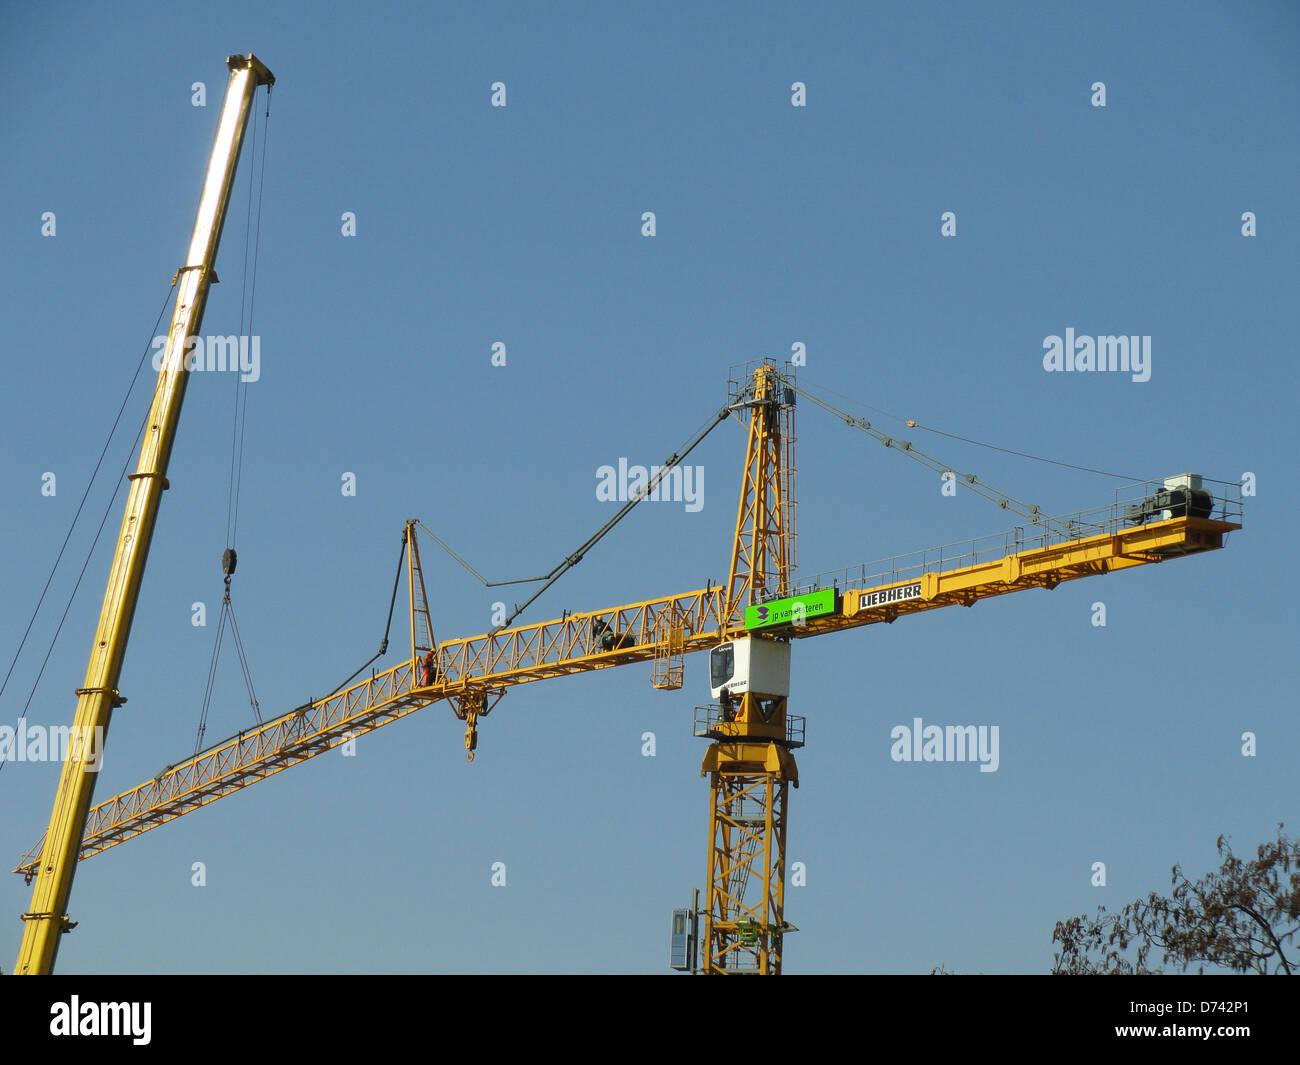 Liebherr Tower Crane Stock Photos & Liebherr Tower Crane